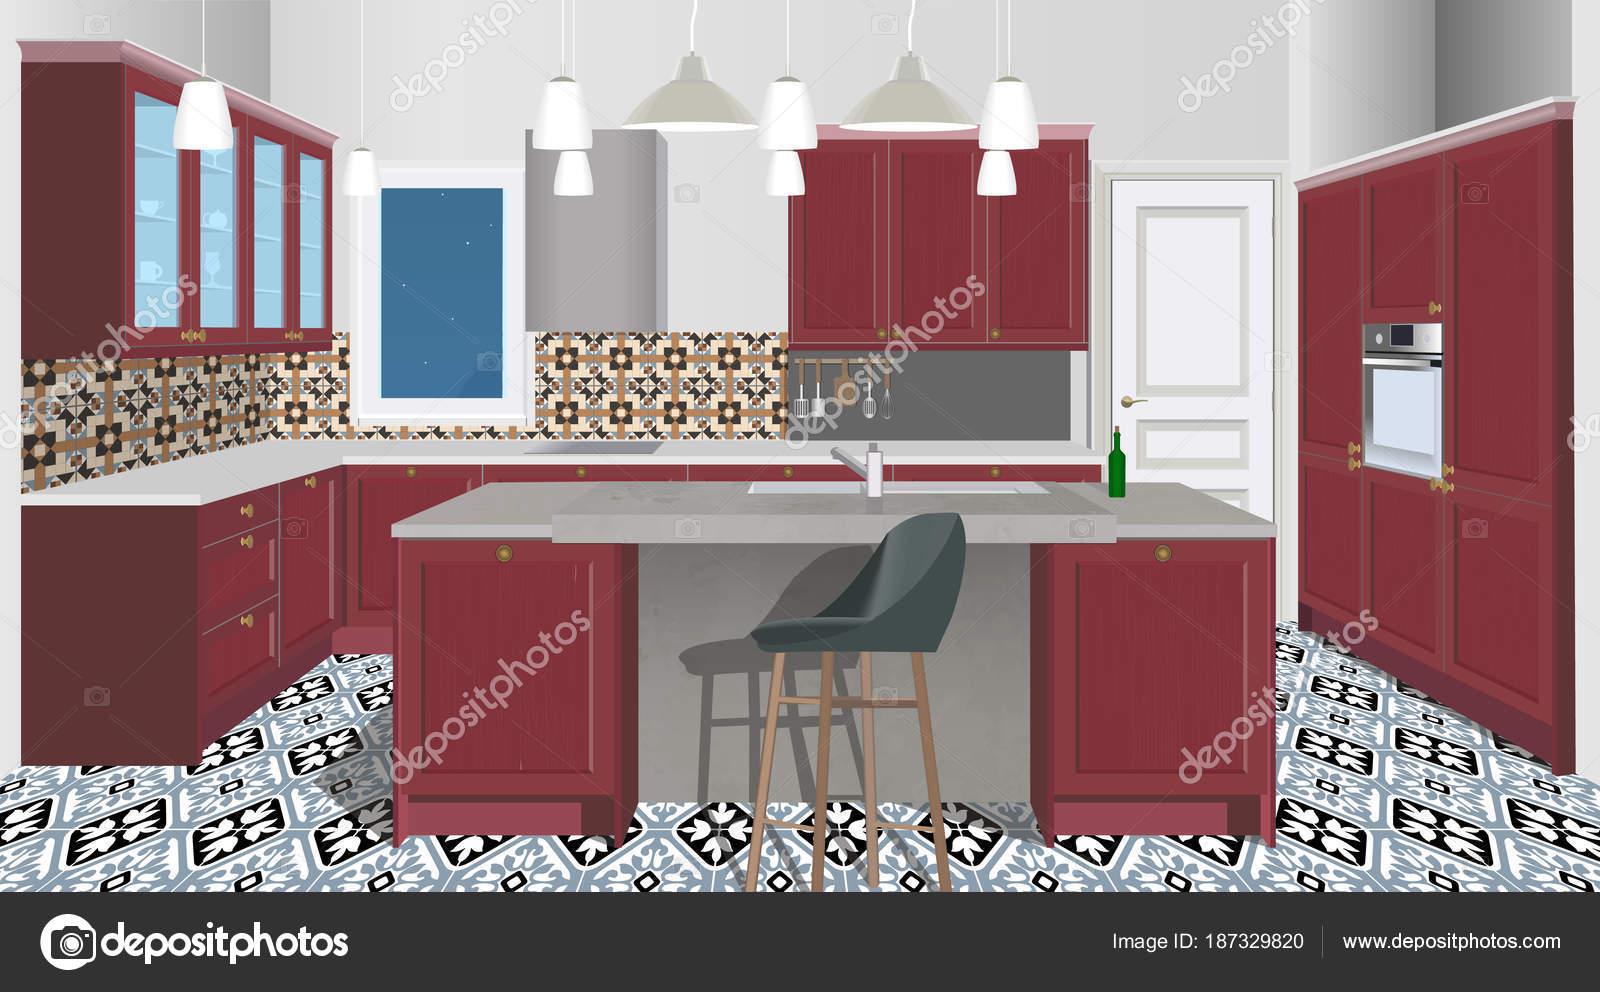 Burgundy Kitchen Interior Background With Furniture Design